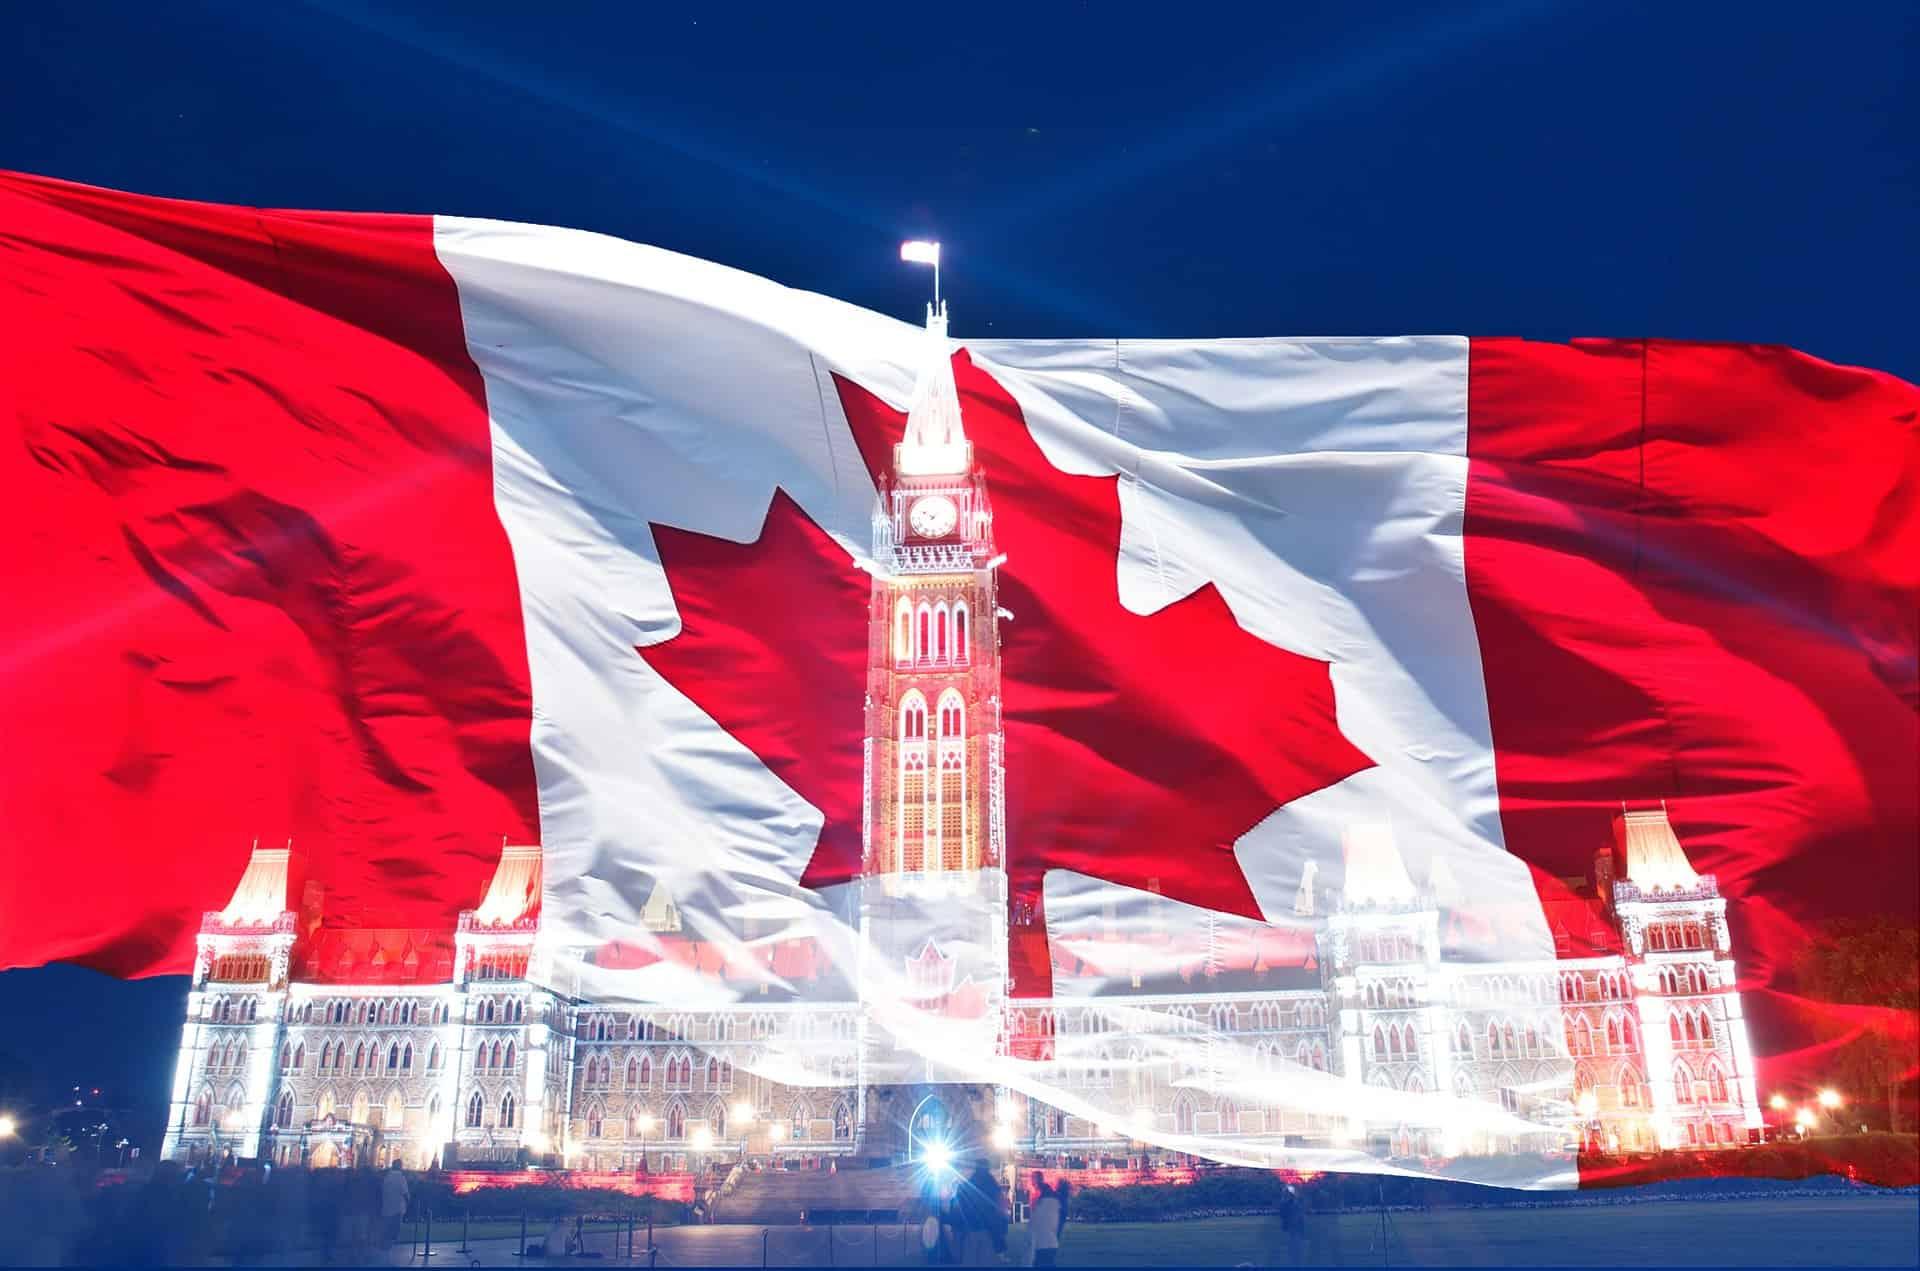 Kanada Visum Einreisebestimmungen für England